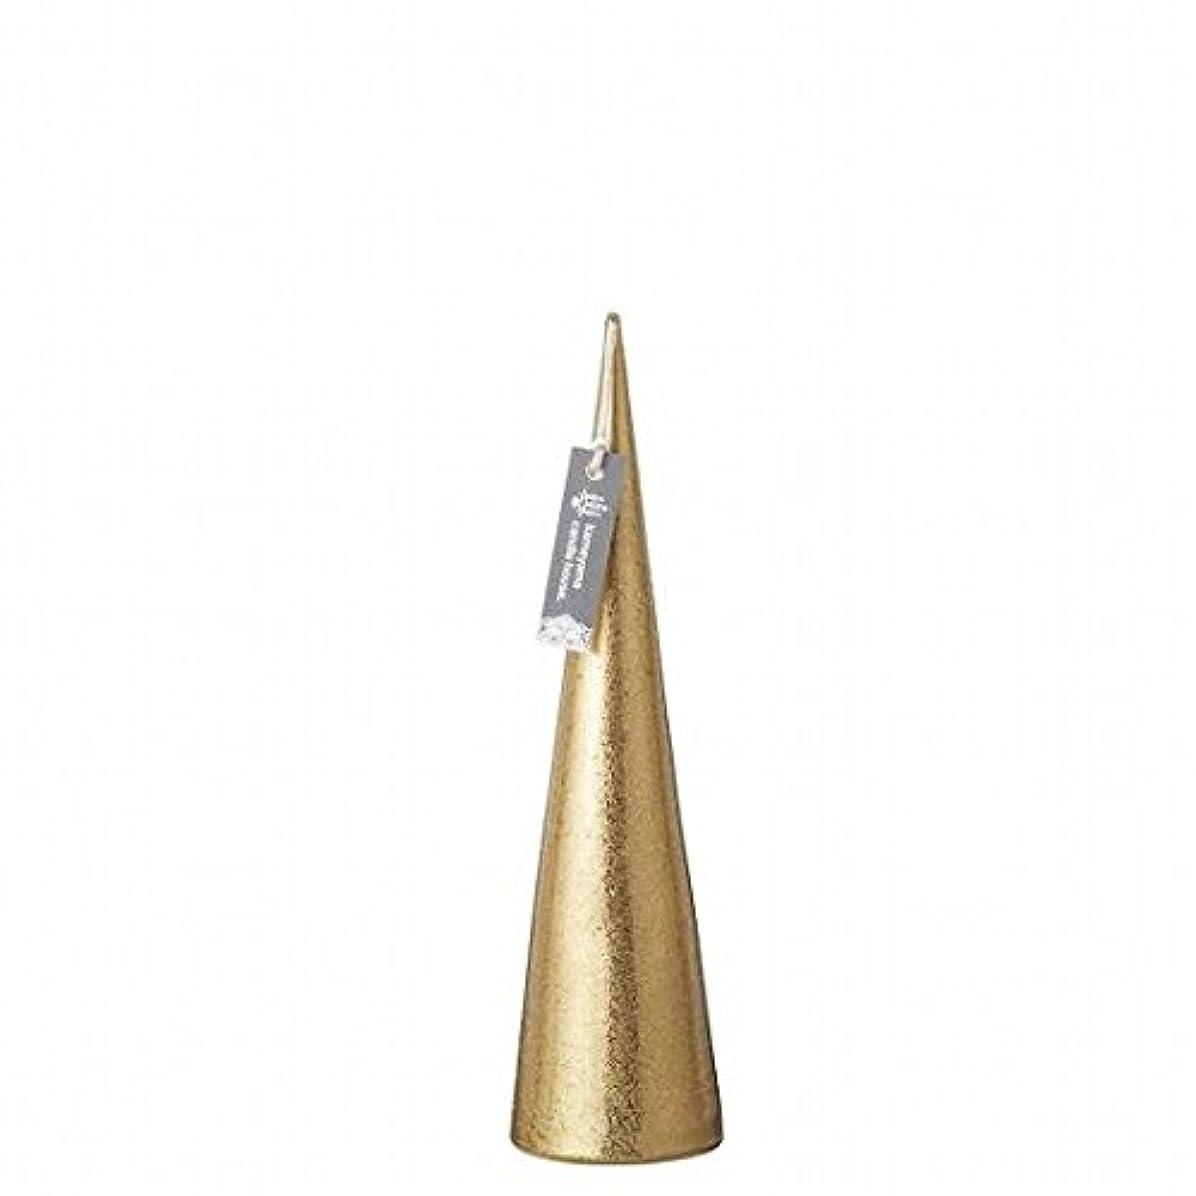 導体意識的パイプkameyama candle(カメヤマキャンドル) メタリックコーンM「 ゴールド 」(A9560110GO)